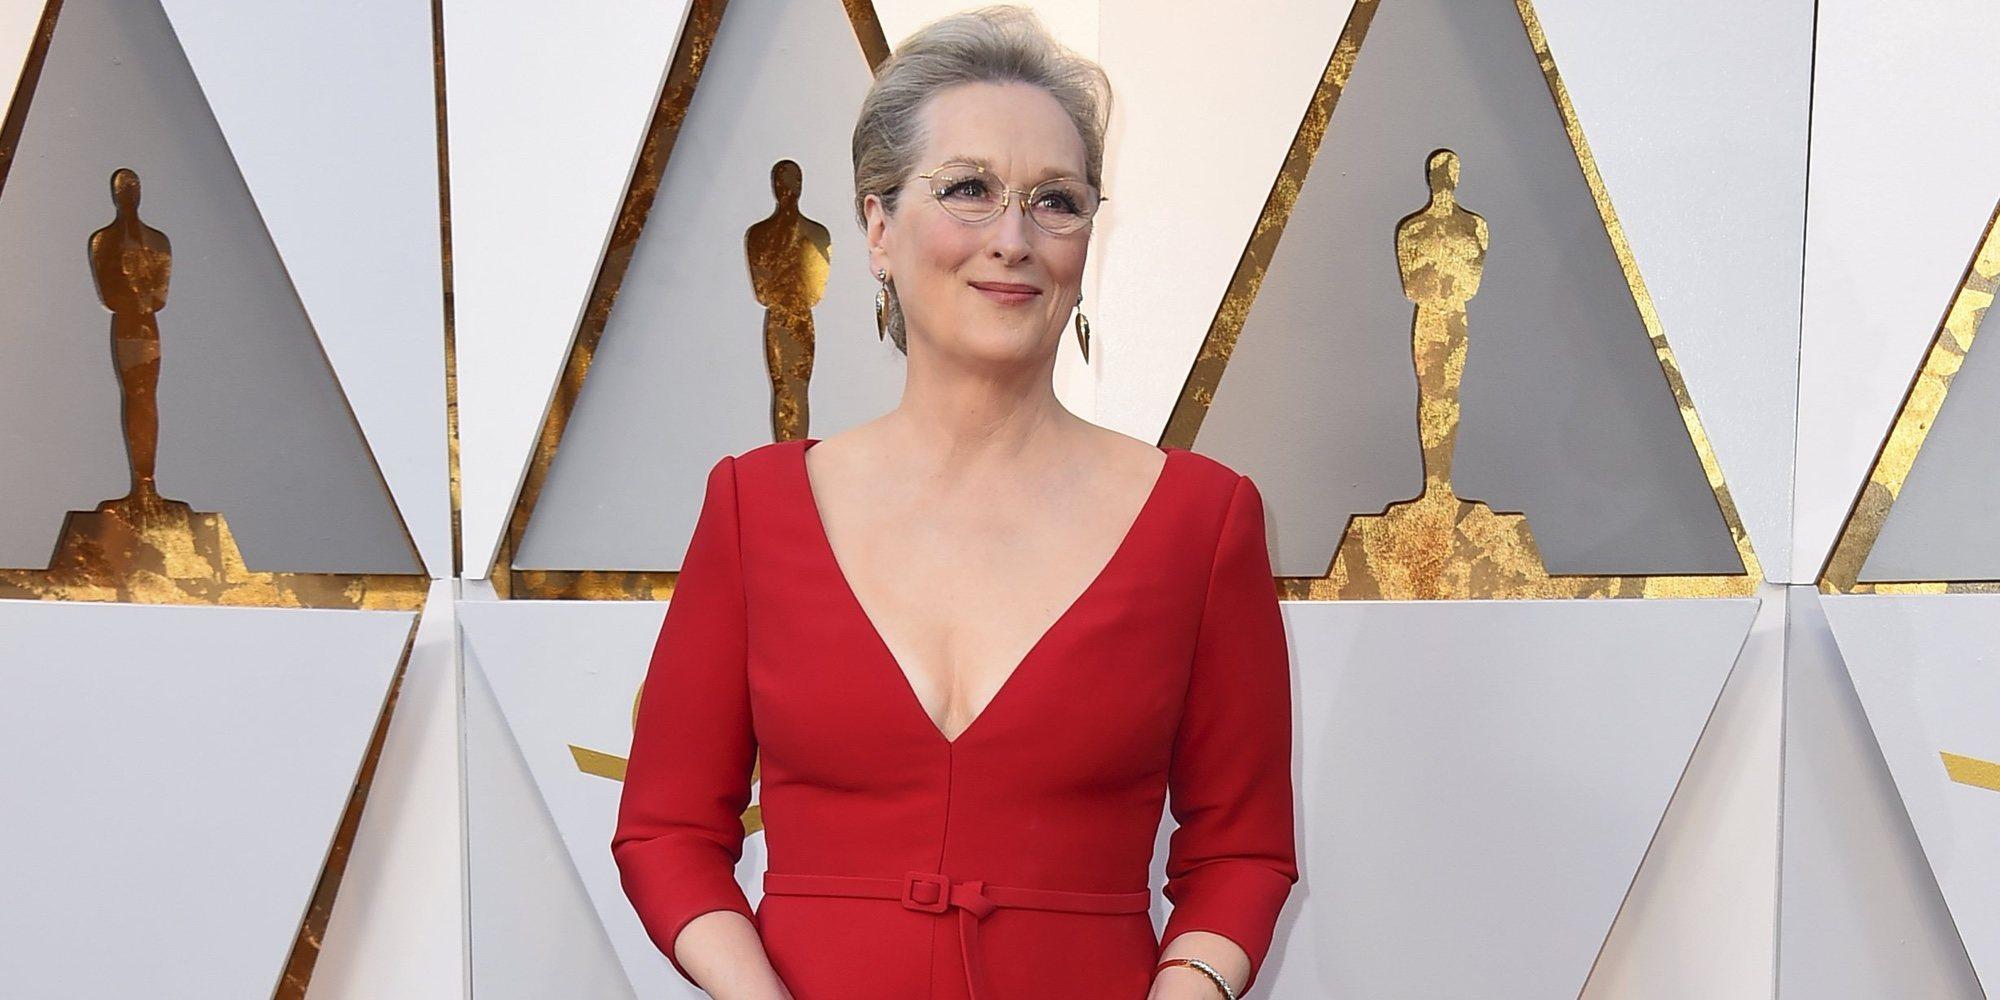 Los mejores memes de la alfombra roja y la gala de los Premios Oscar 2018